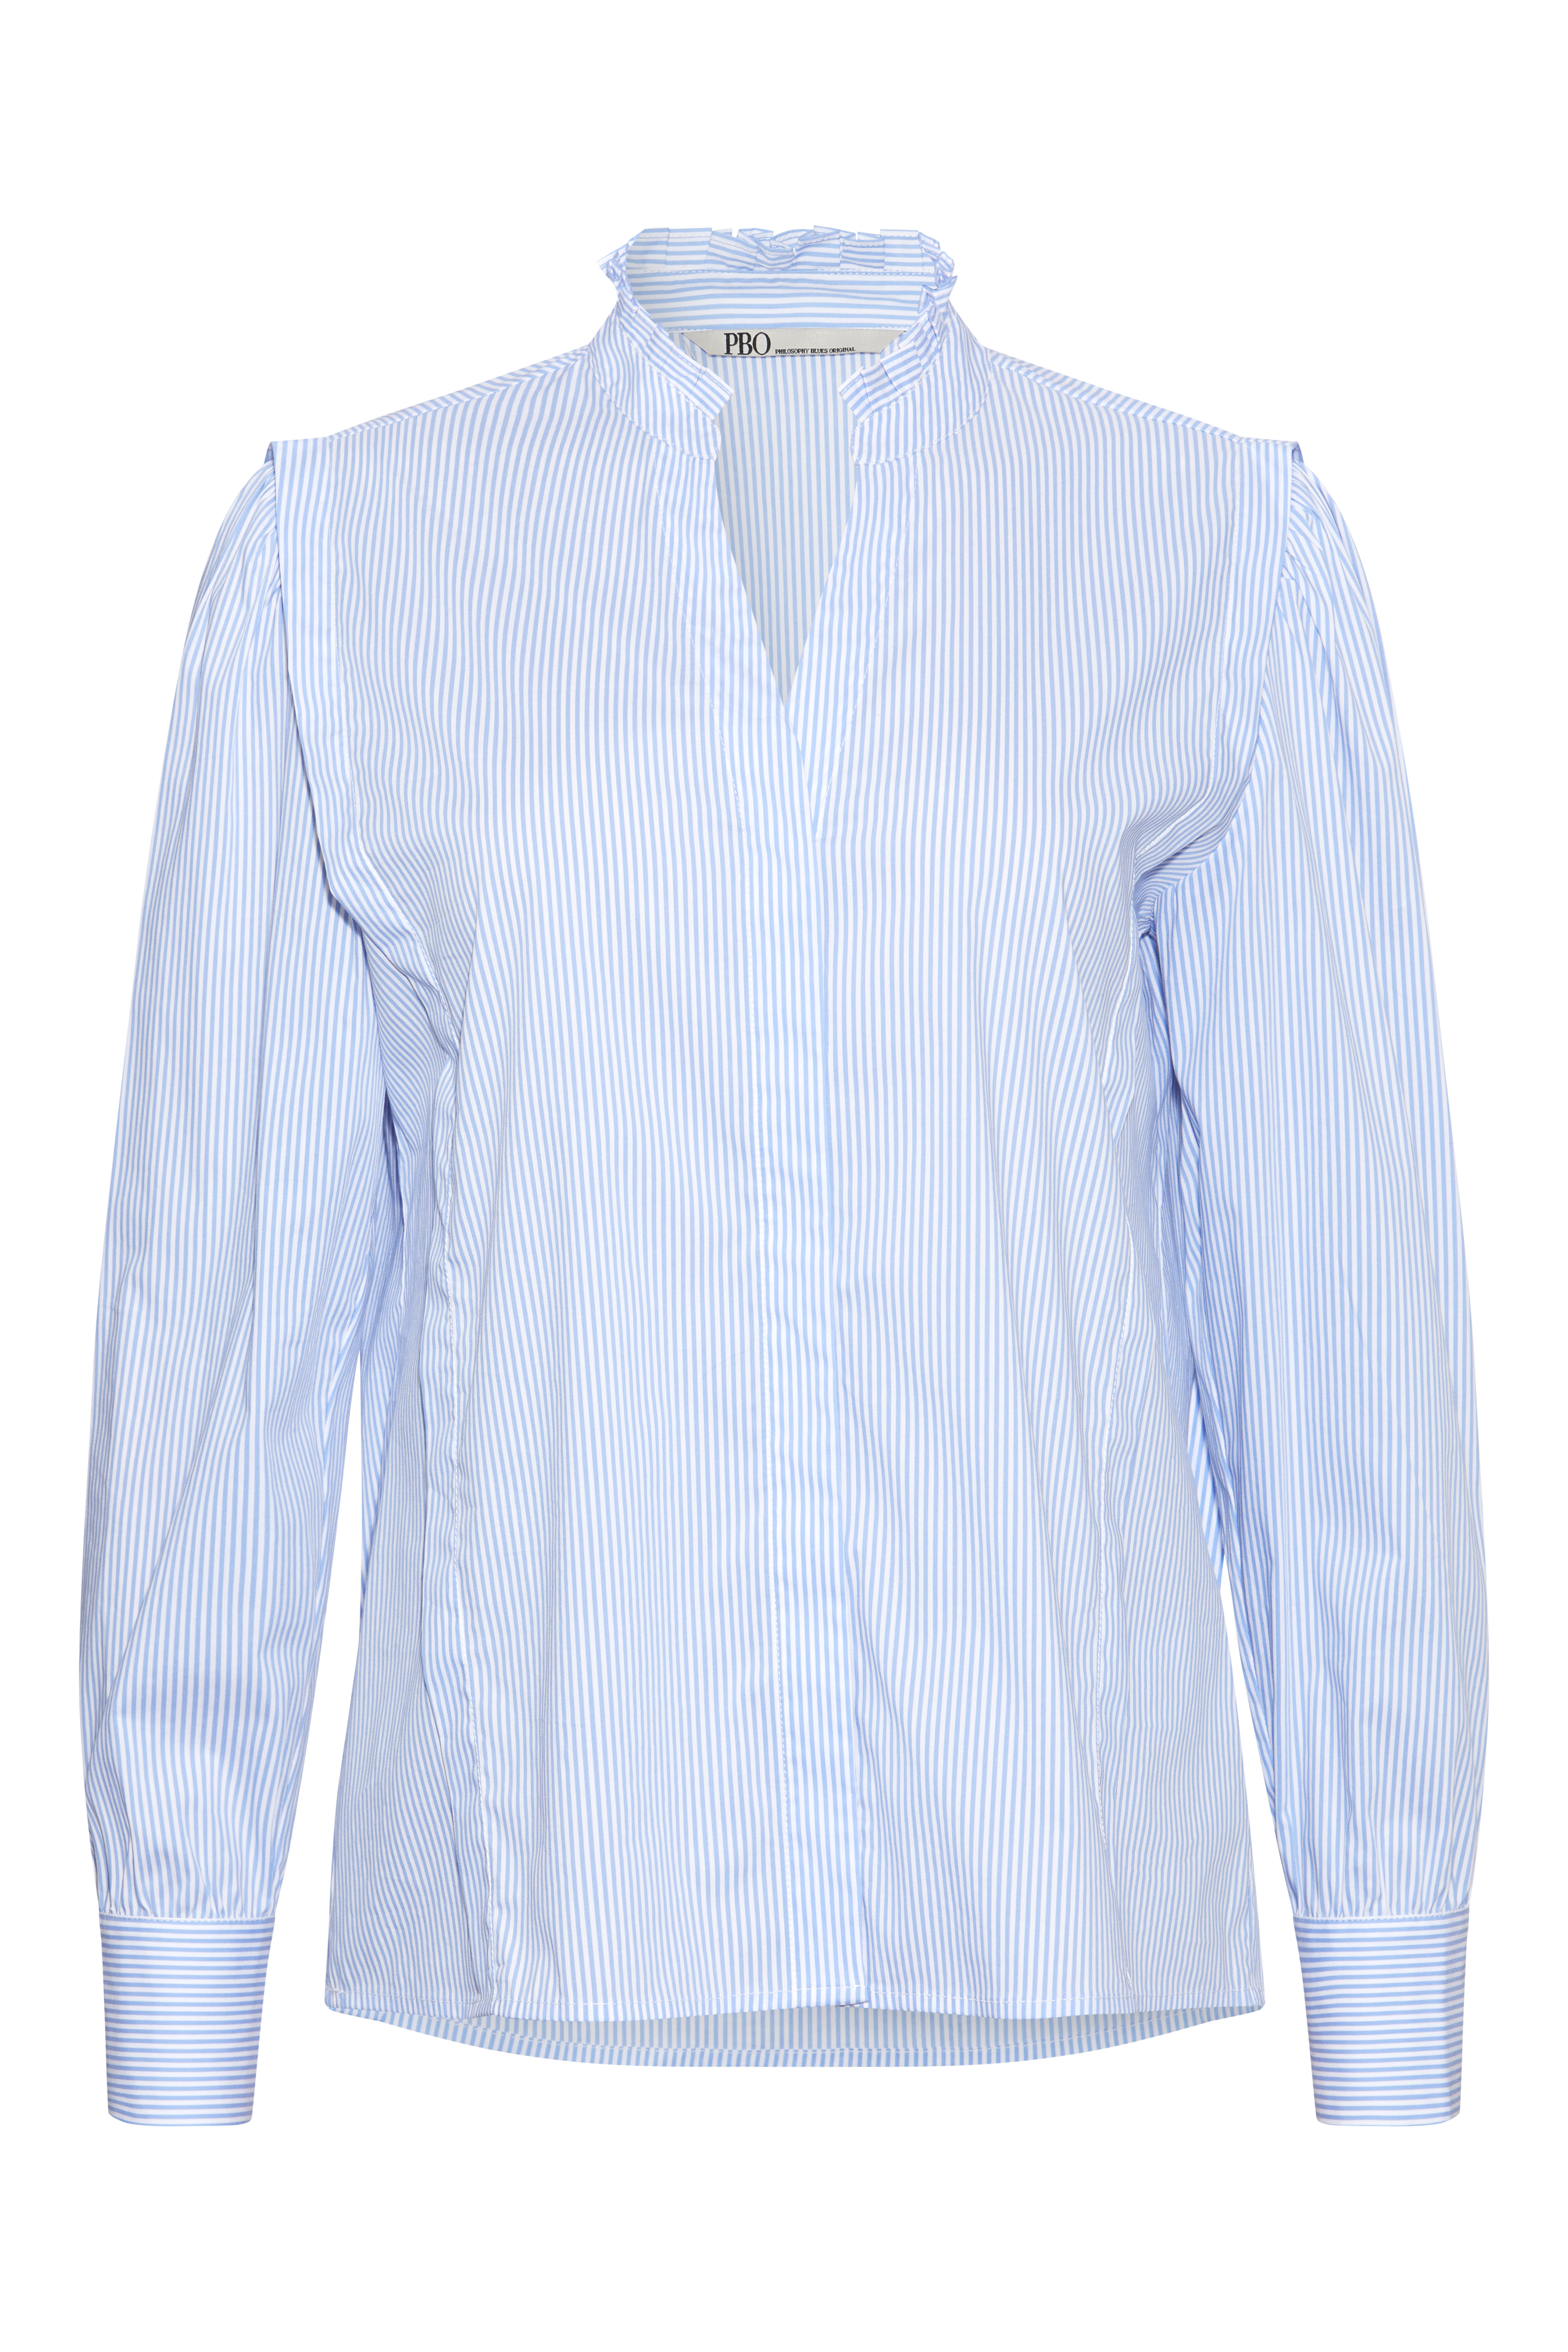 PBO Marlor skjorte, blue stripe, 38